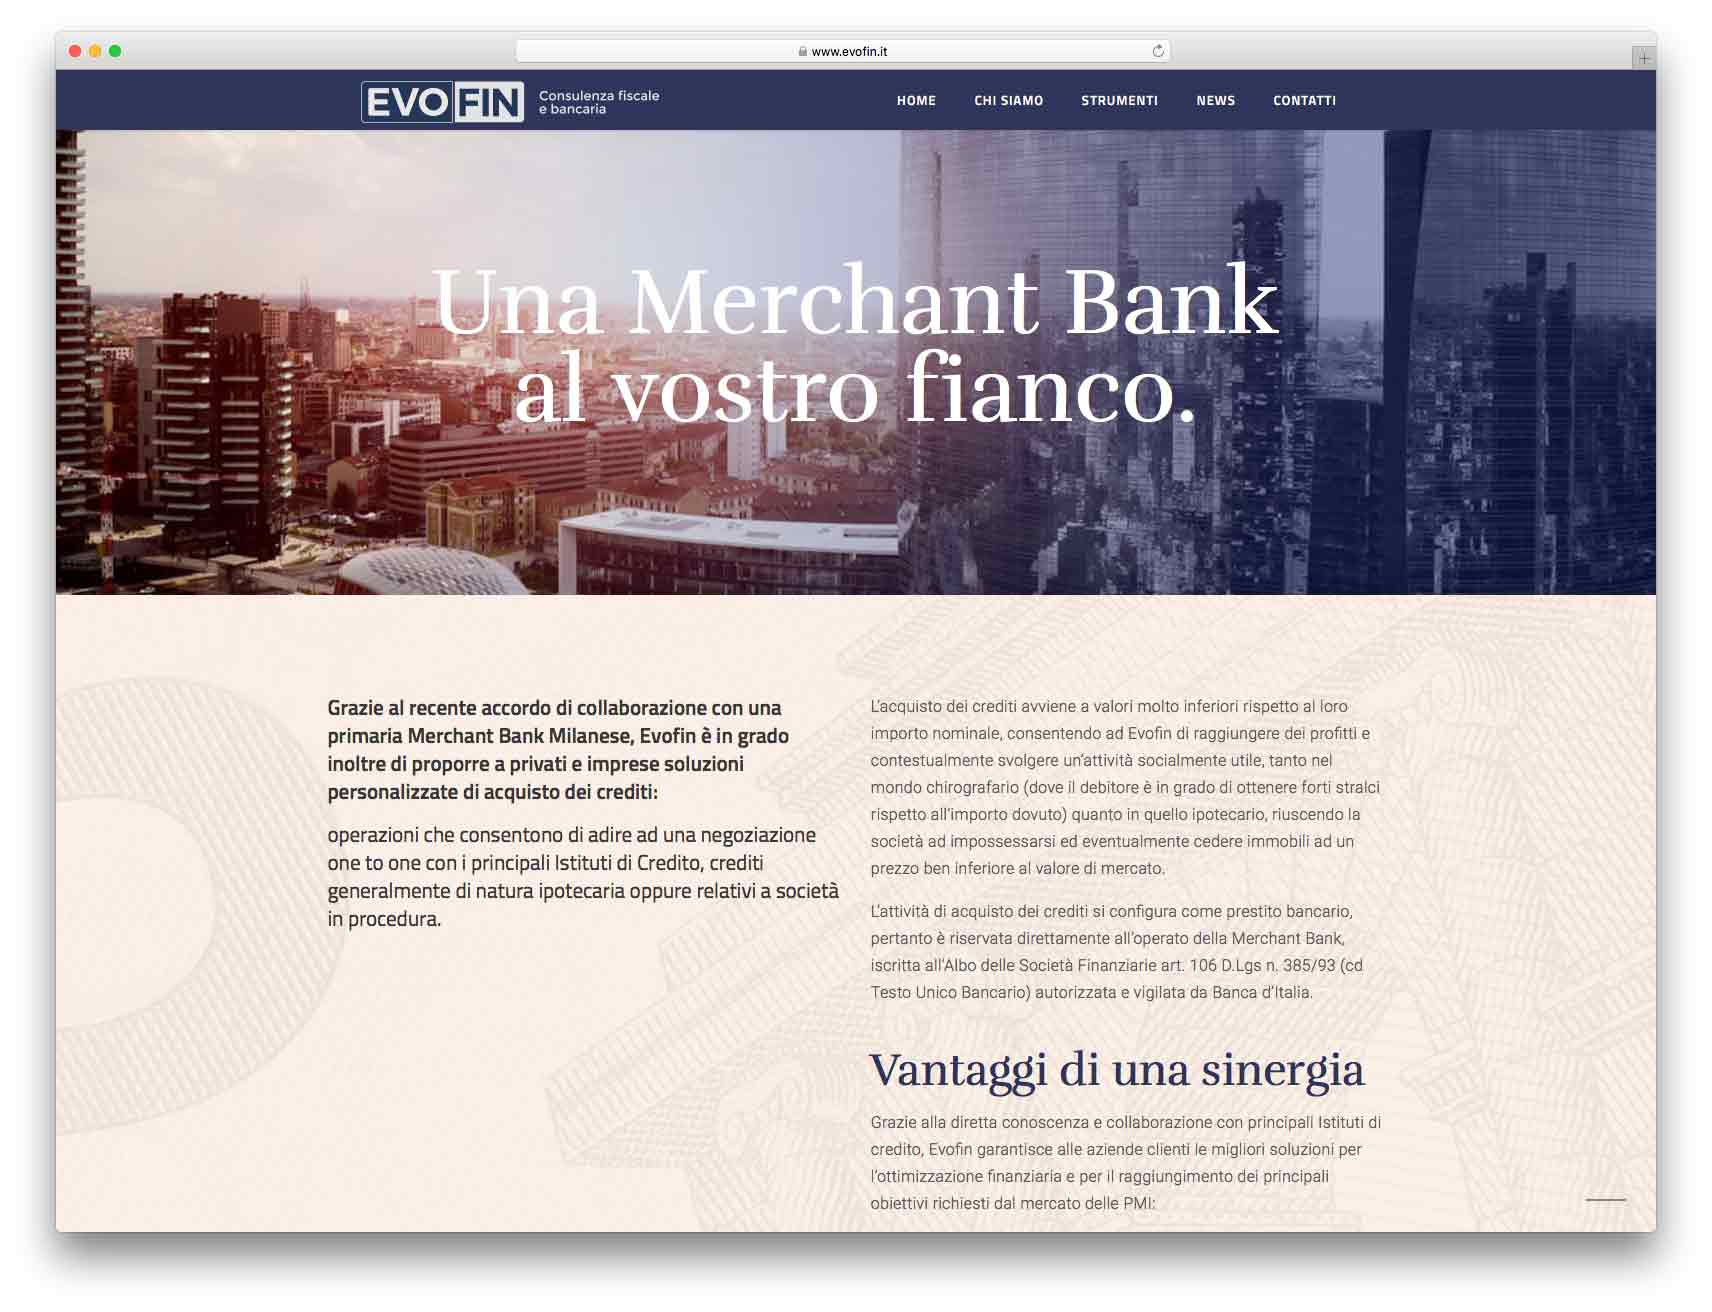 creazione siti web brescia - Agenzia P - sito web Evofin